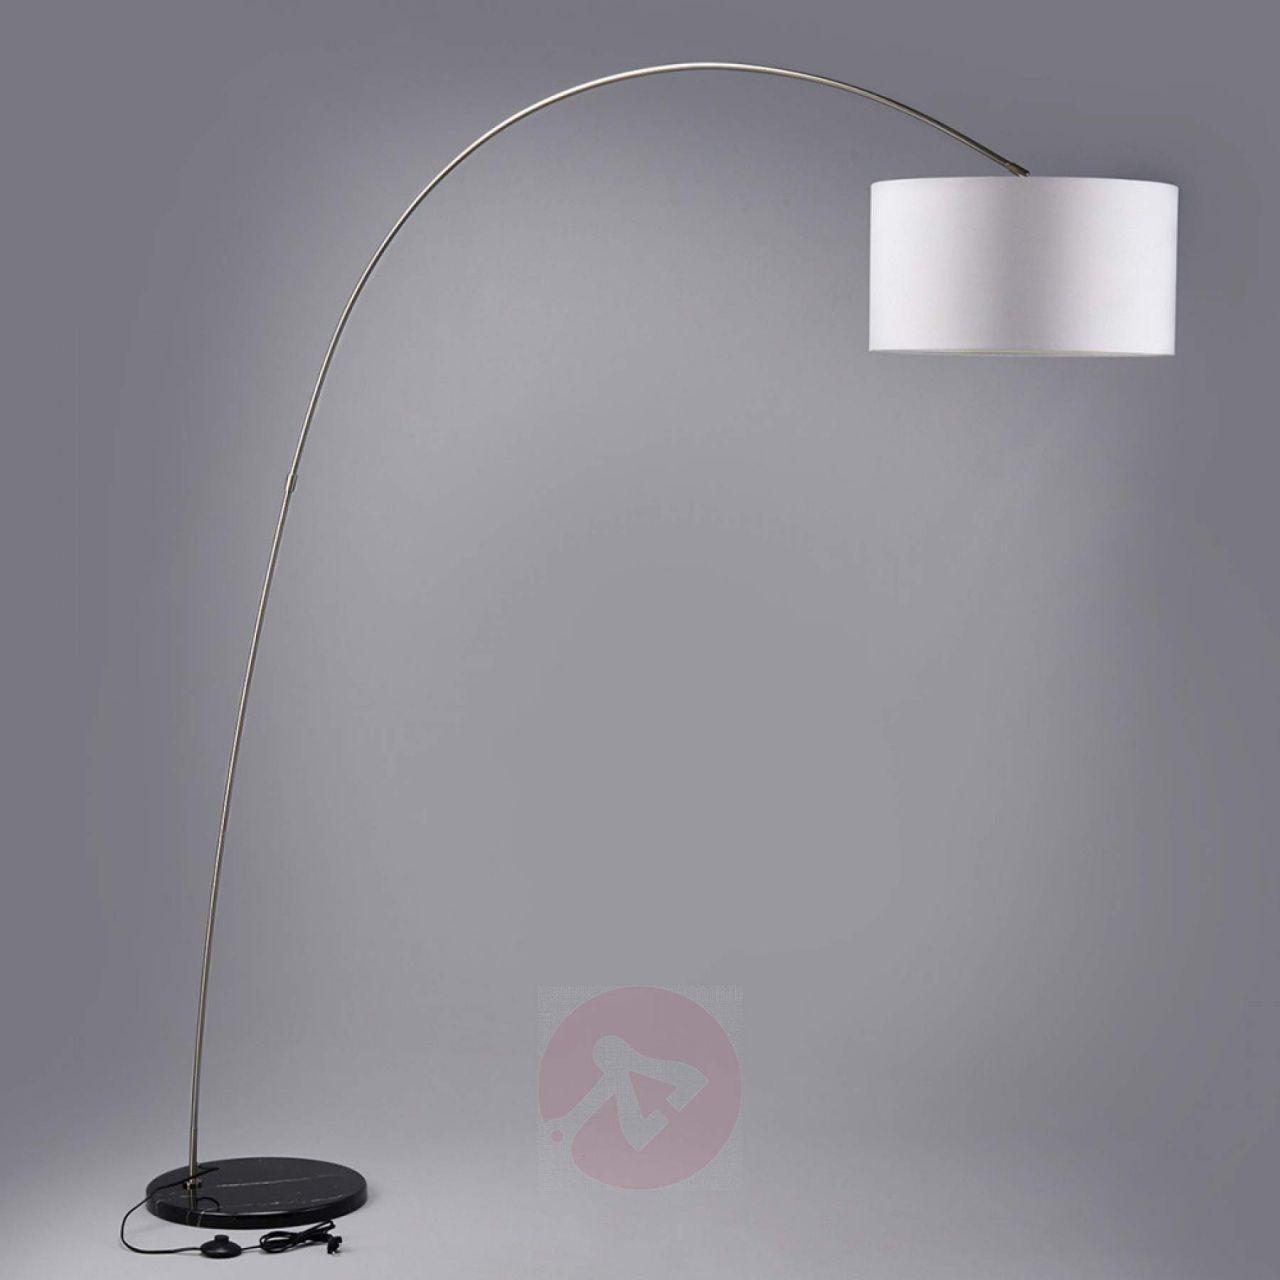 Badezimmer Lampe Diy Internetradio Fur Badezimmer Lampe Mit Simple Lampe Diy Lampe Badezimmer Richtige Beleuc In 2020 Lampe Badezimmerspiegel Beleuchtet Ikea Lampen